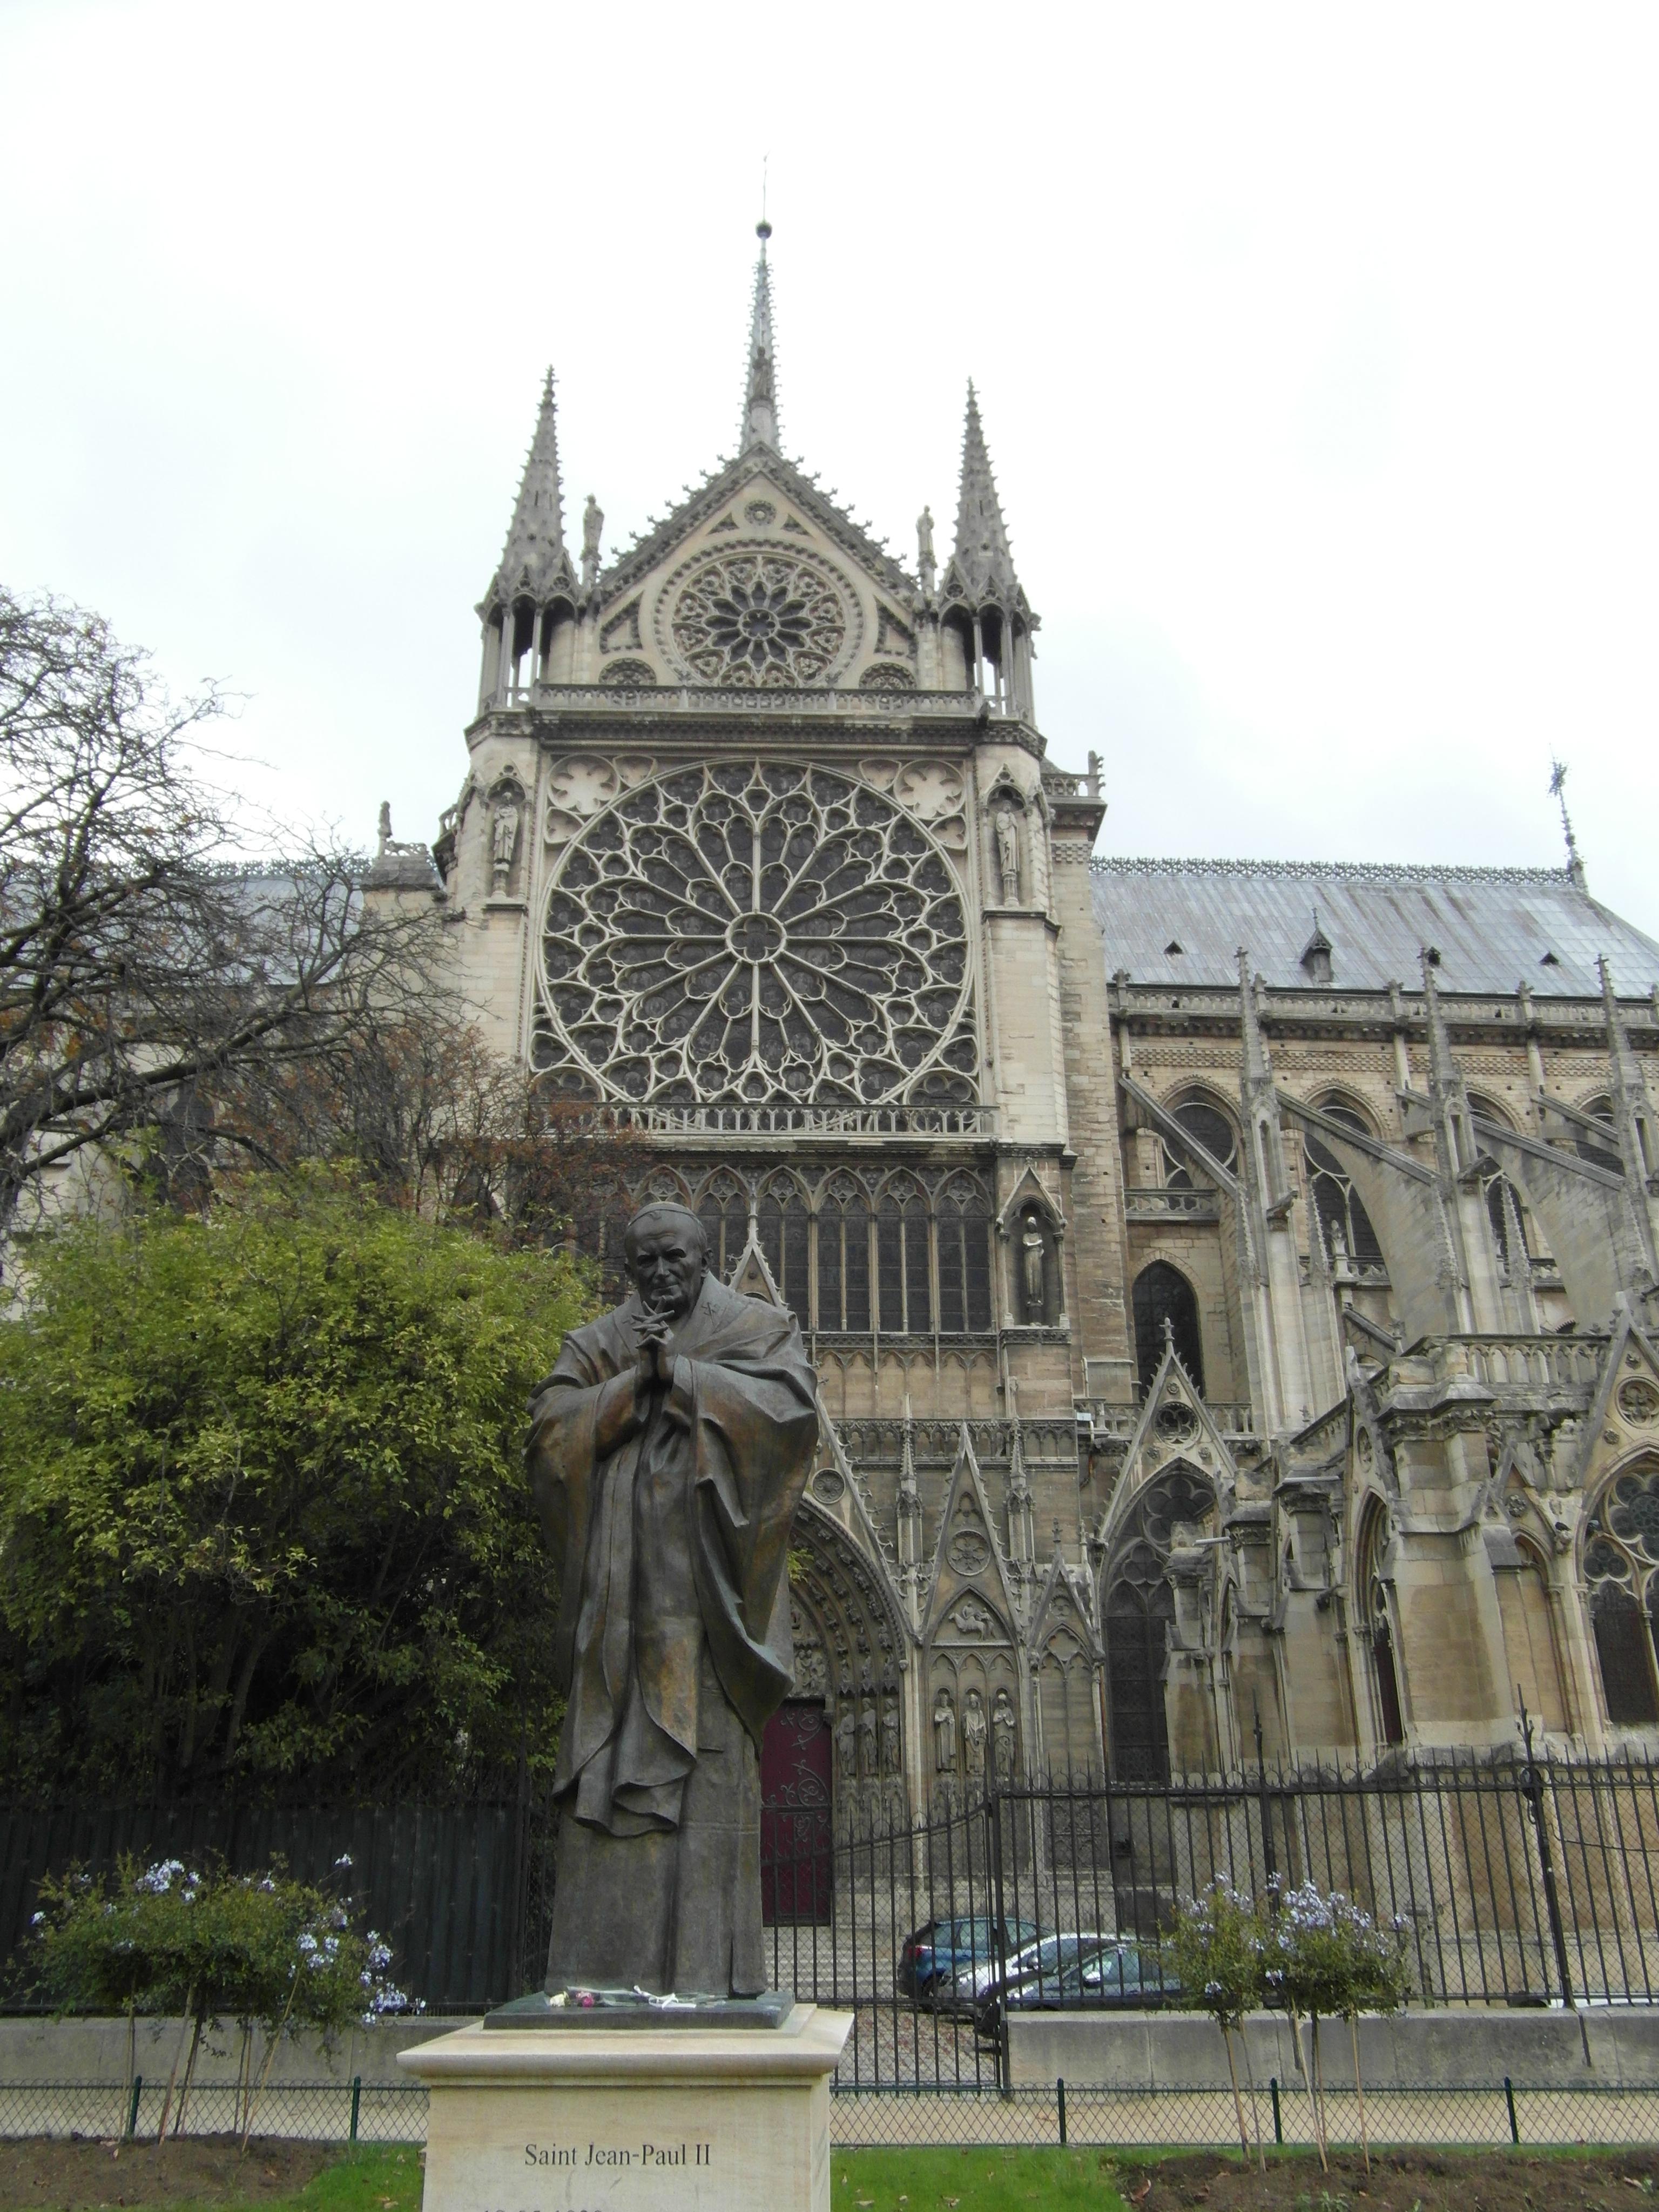 Pomnik św. Jana Pawła II pod katedrą Notre-Dame